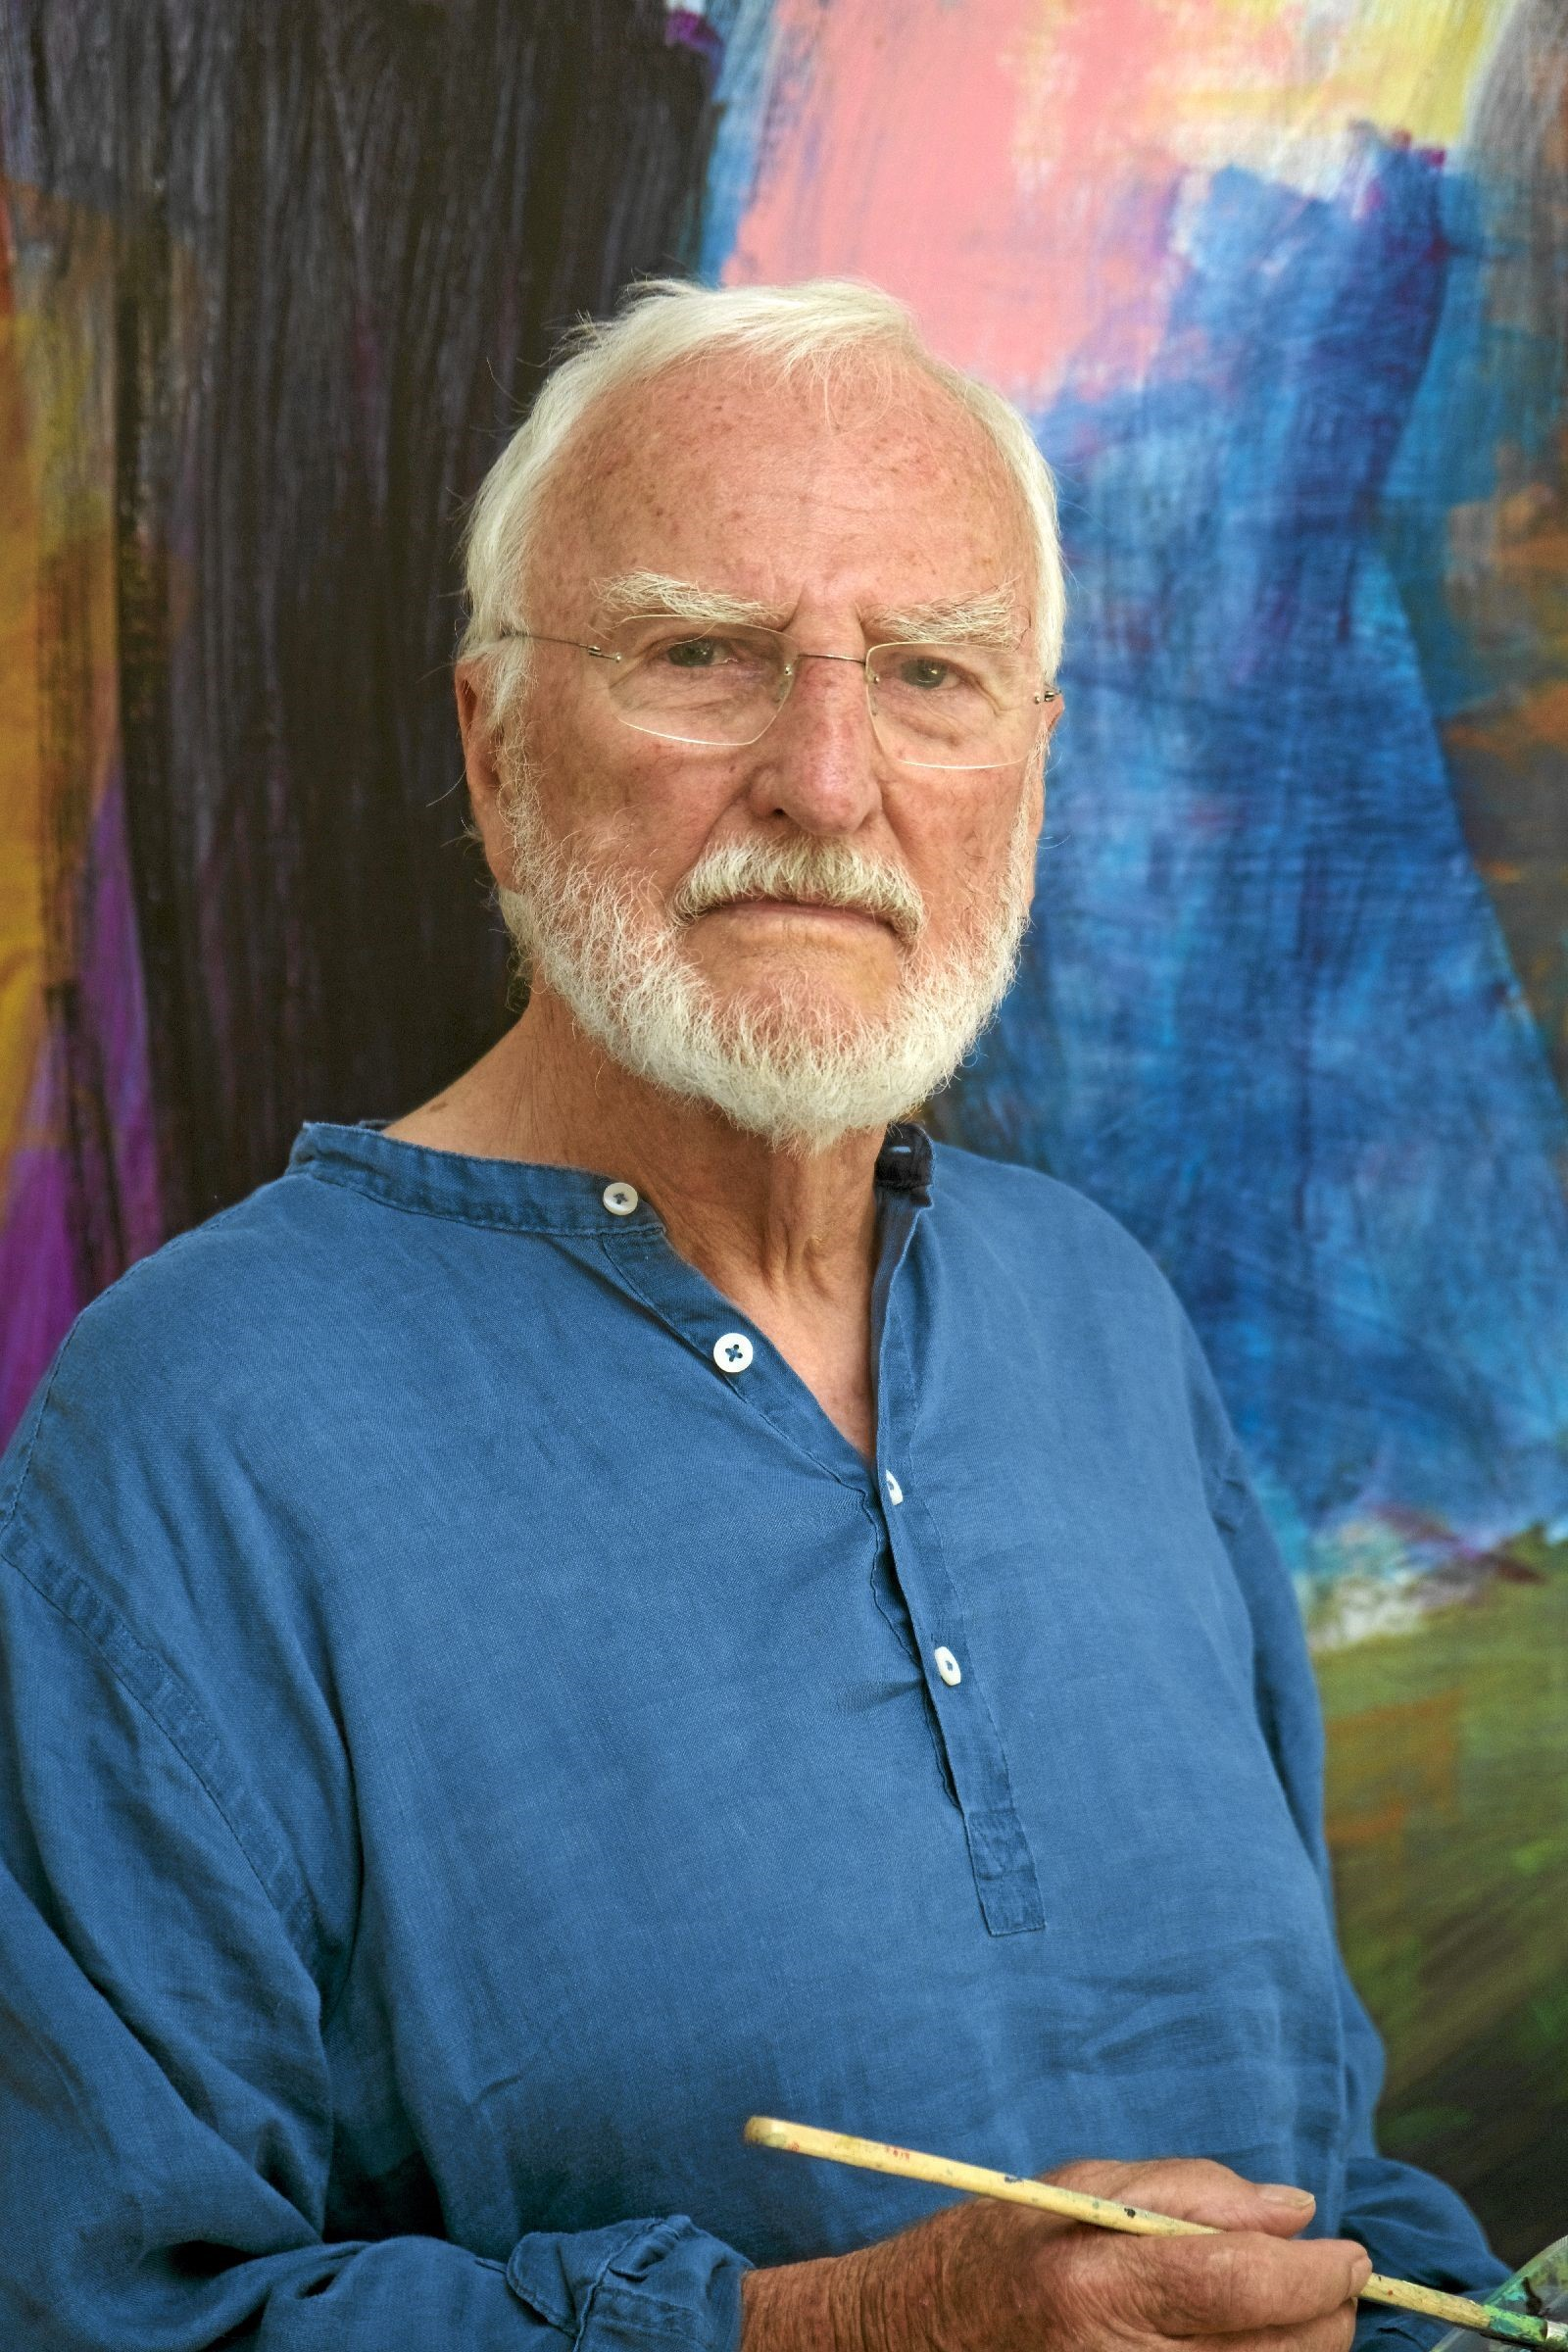 Arne Haugen Sørensens nye kunstbog: En god fortælling fra et langt liv